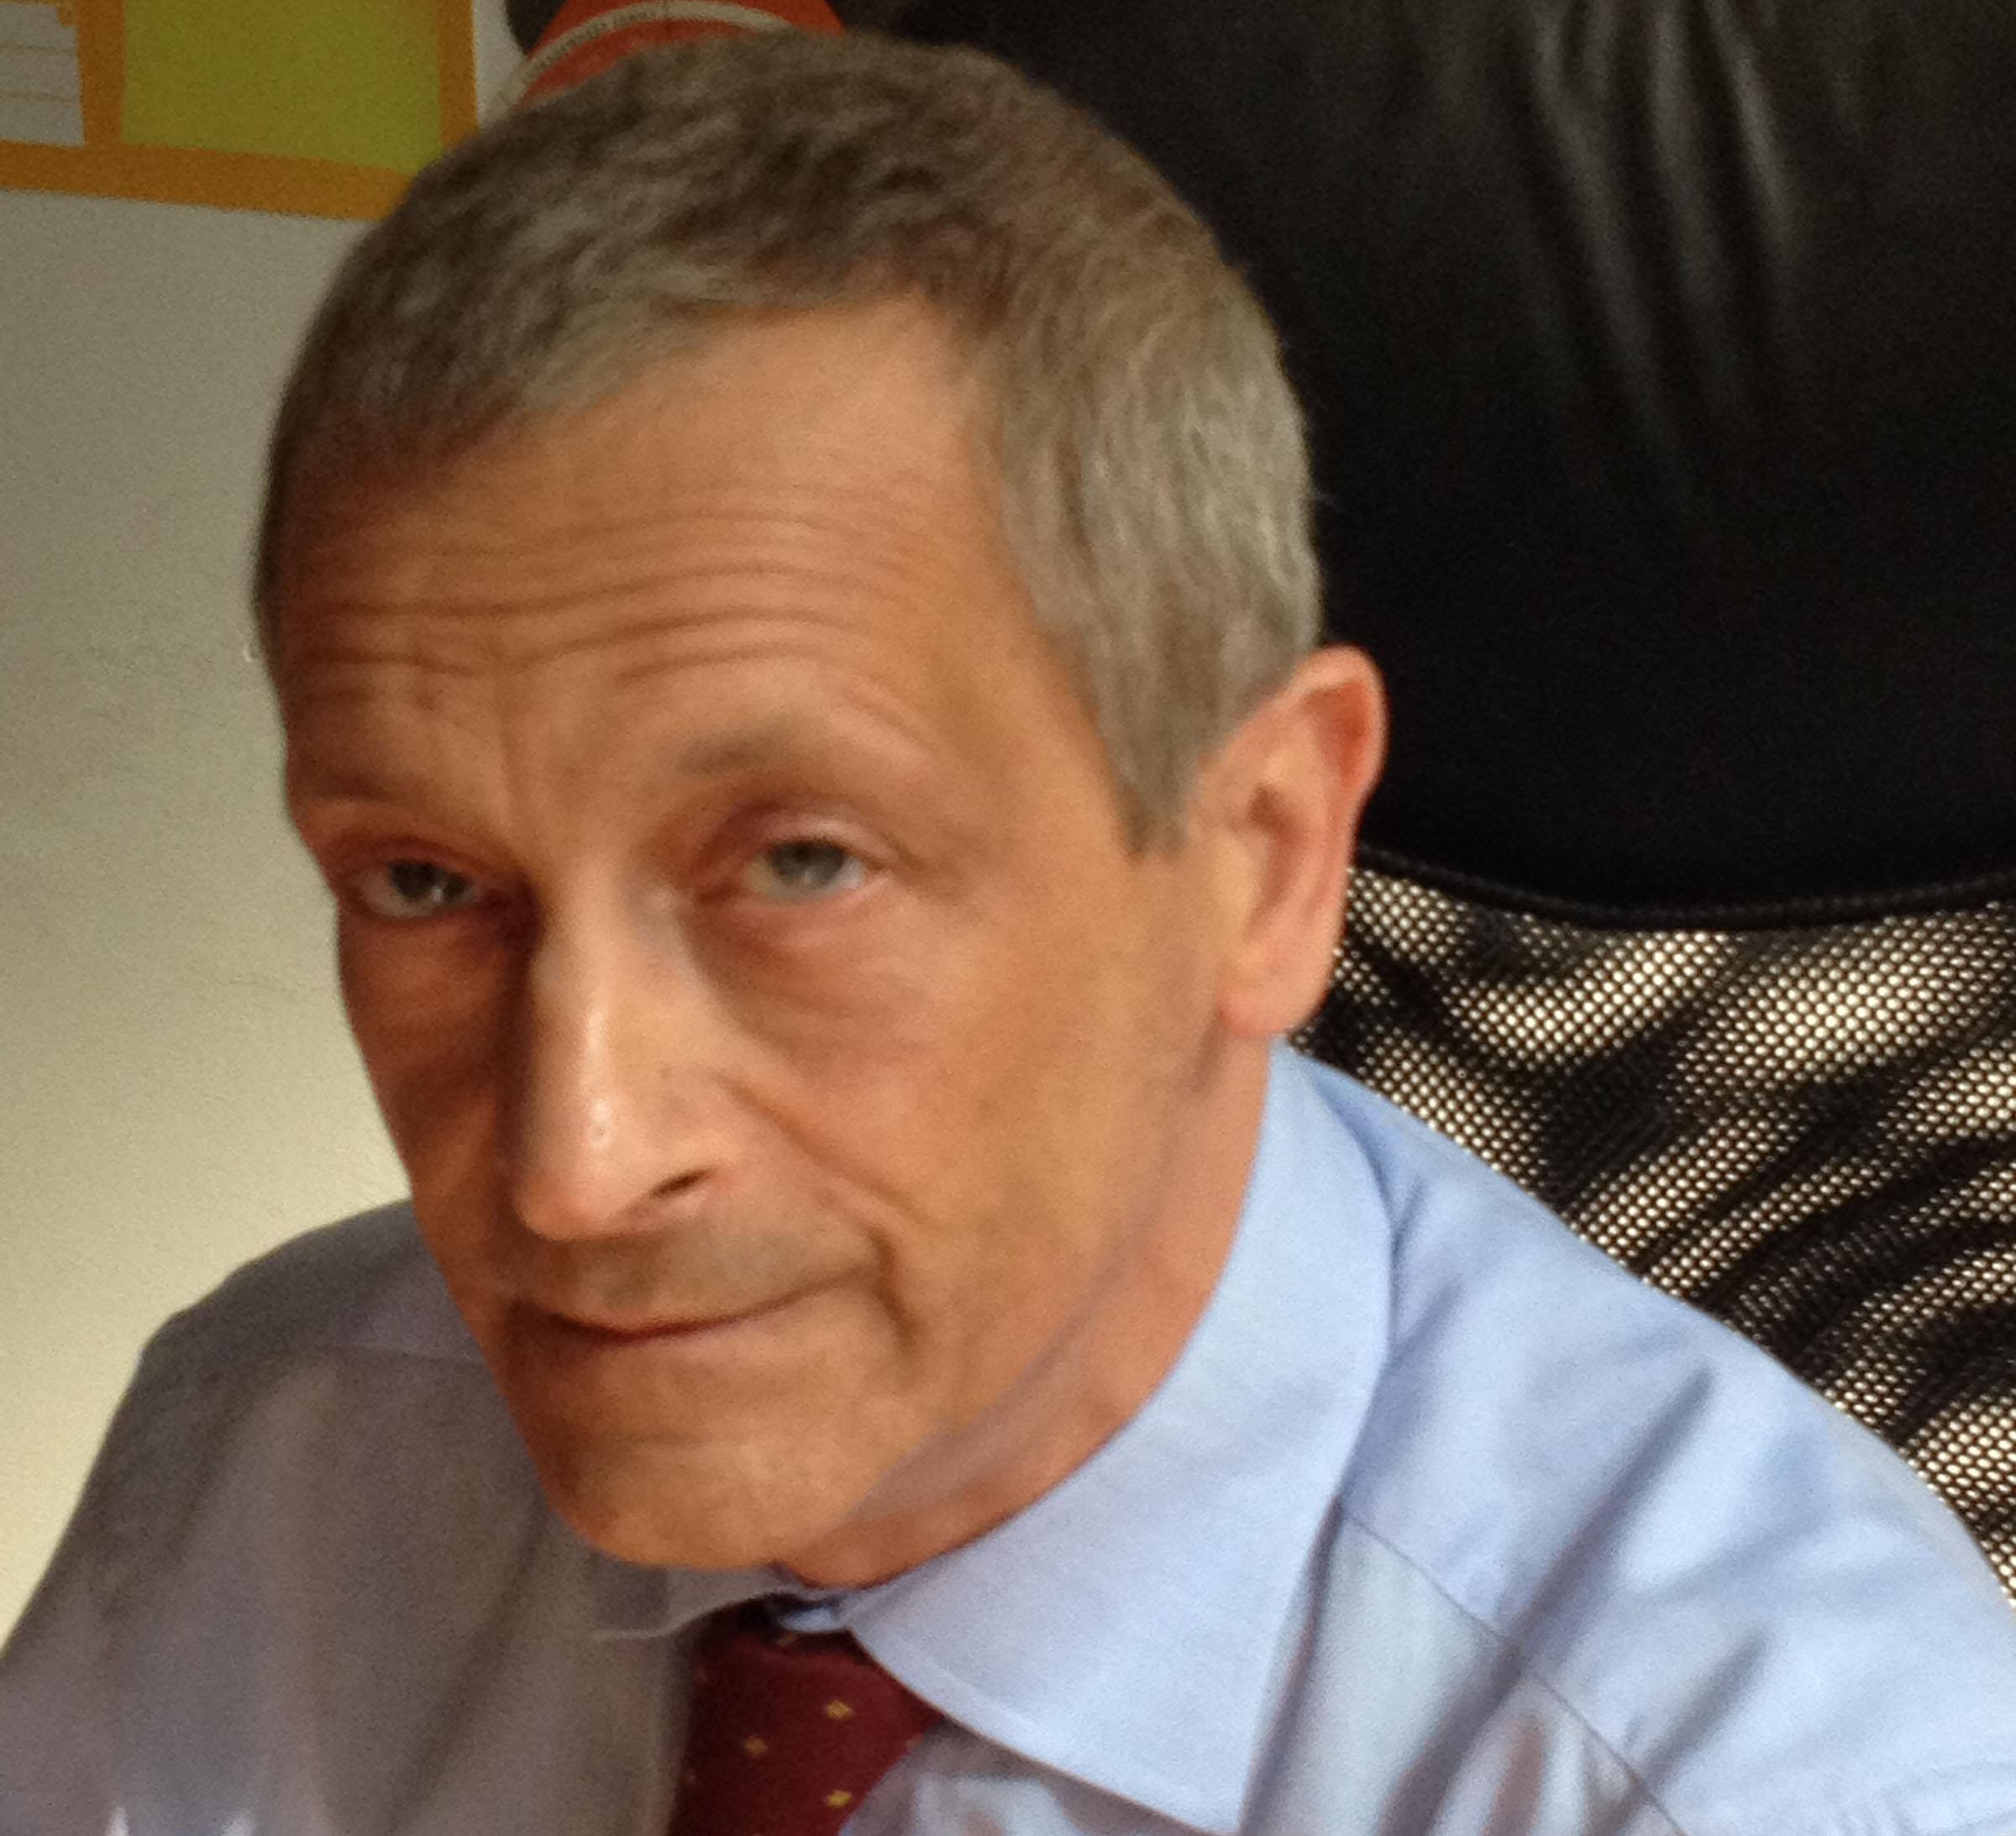 Raoul Paolo di Gennaro